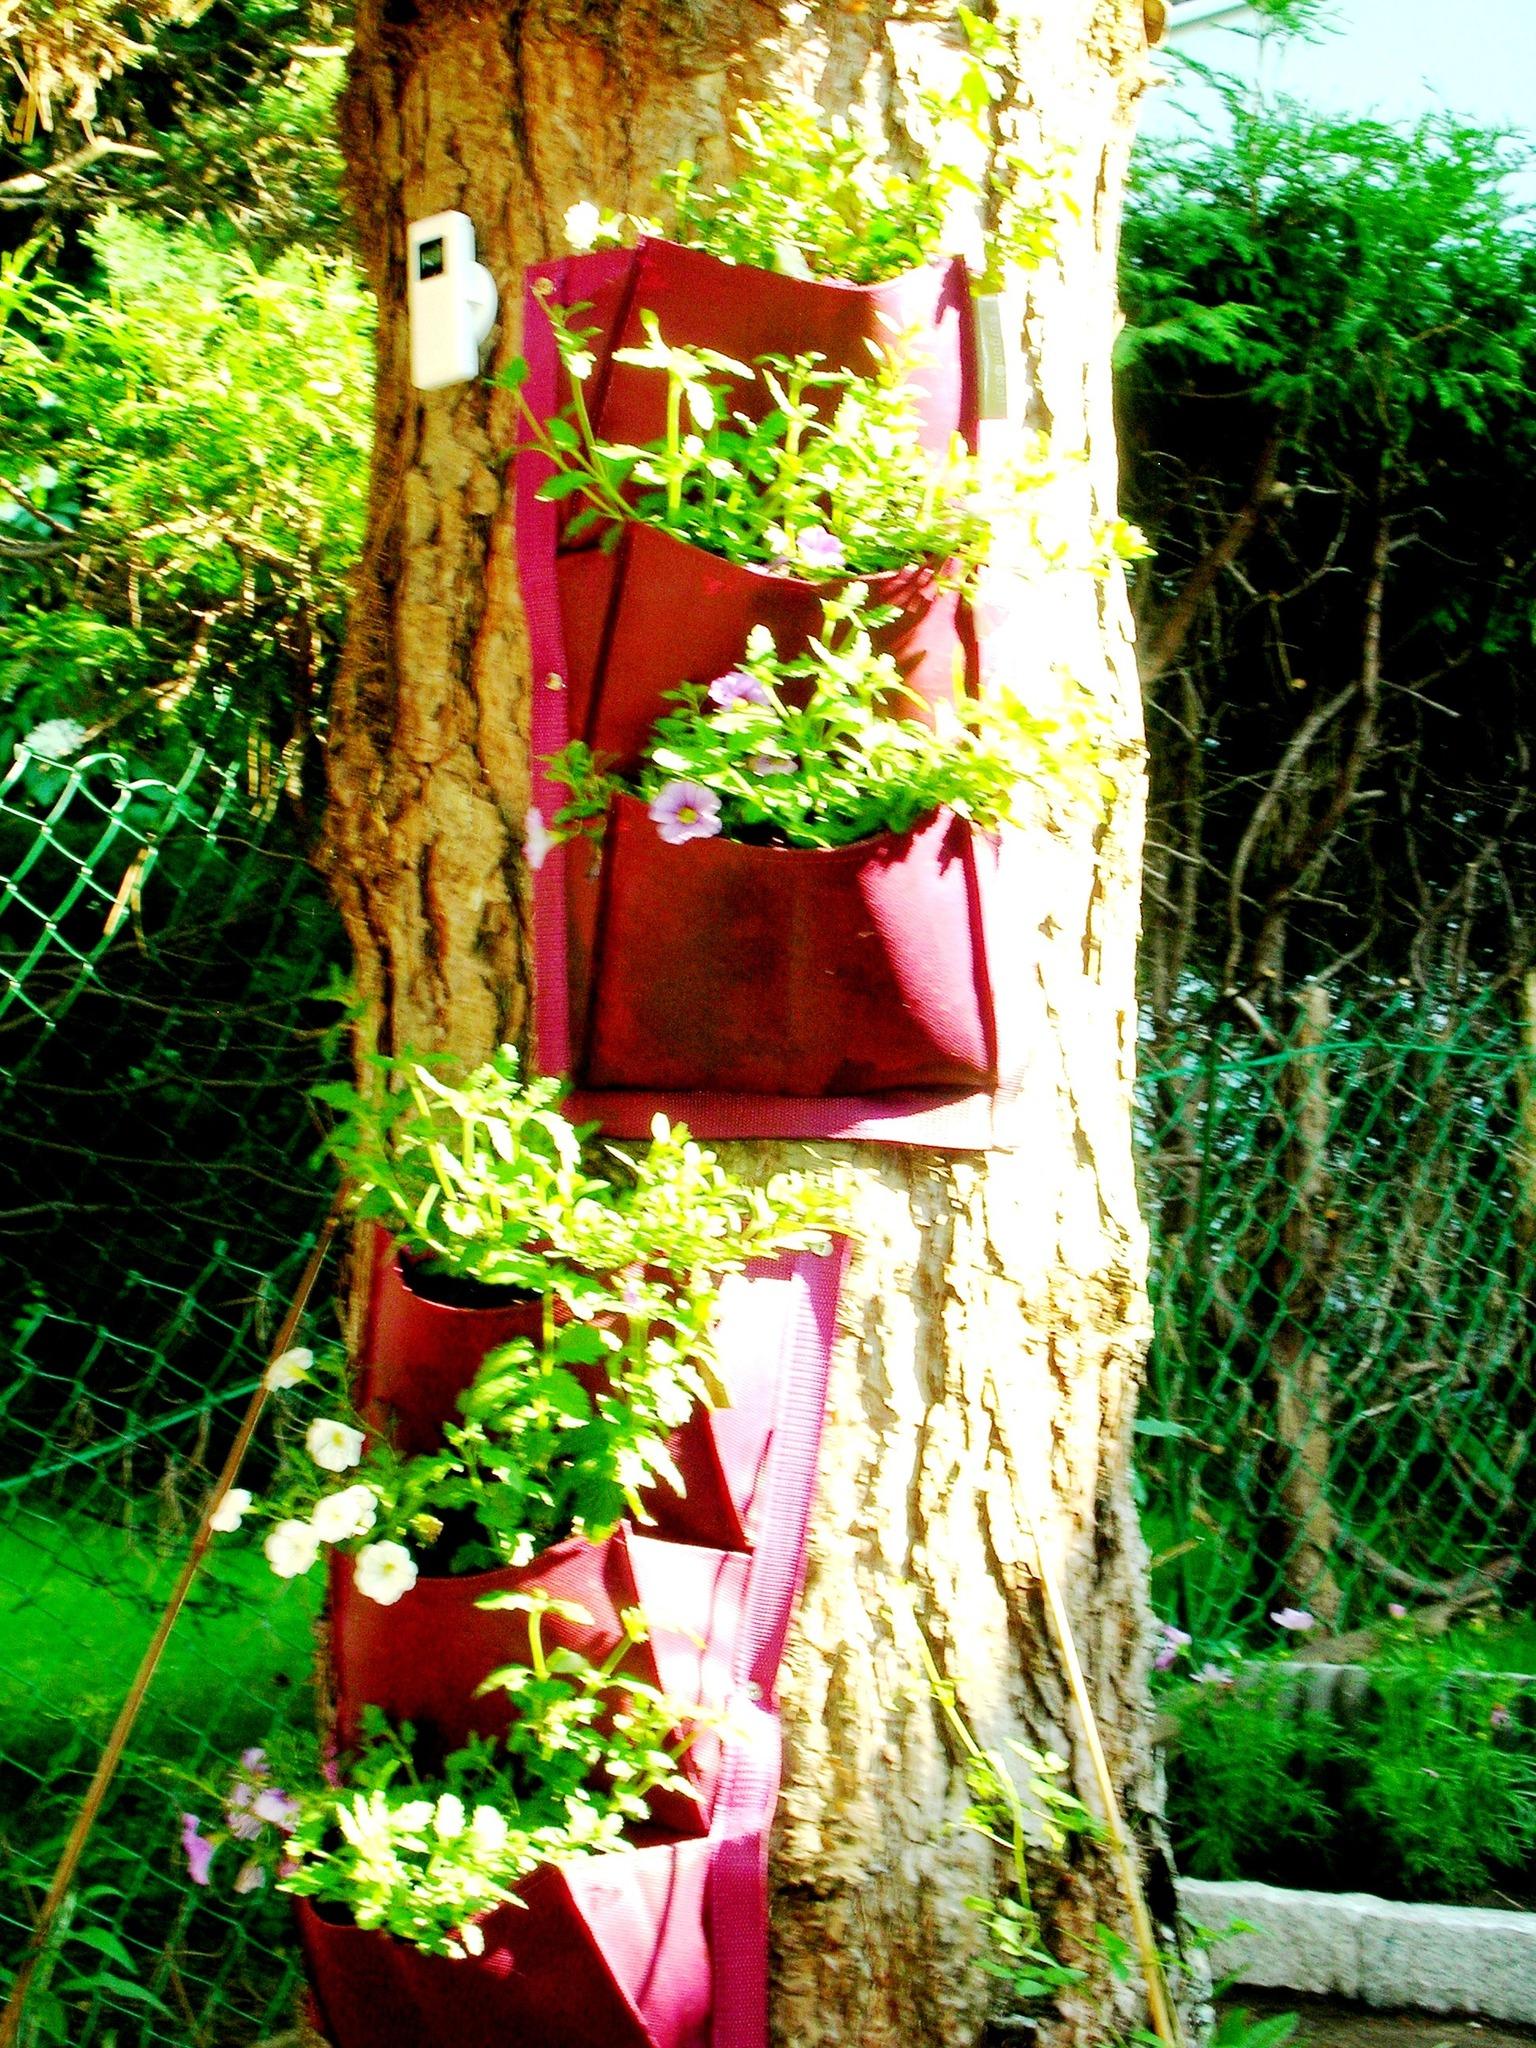 Vertical gardening idee wenn der platz knapp wird for Zeitung gartenidee